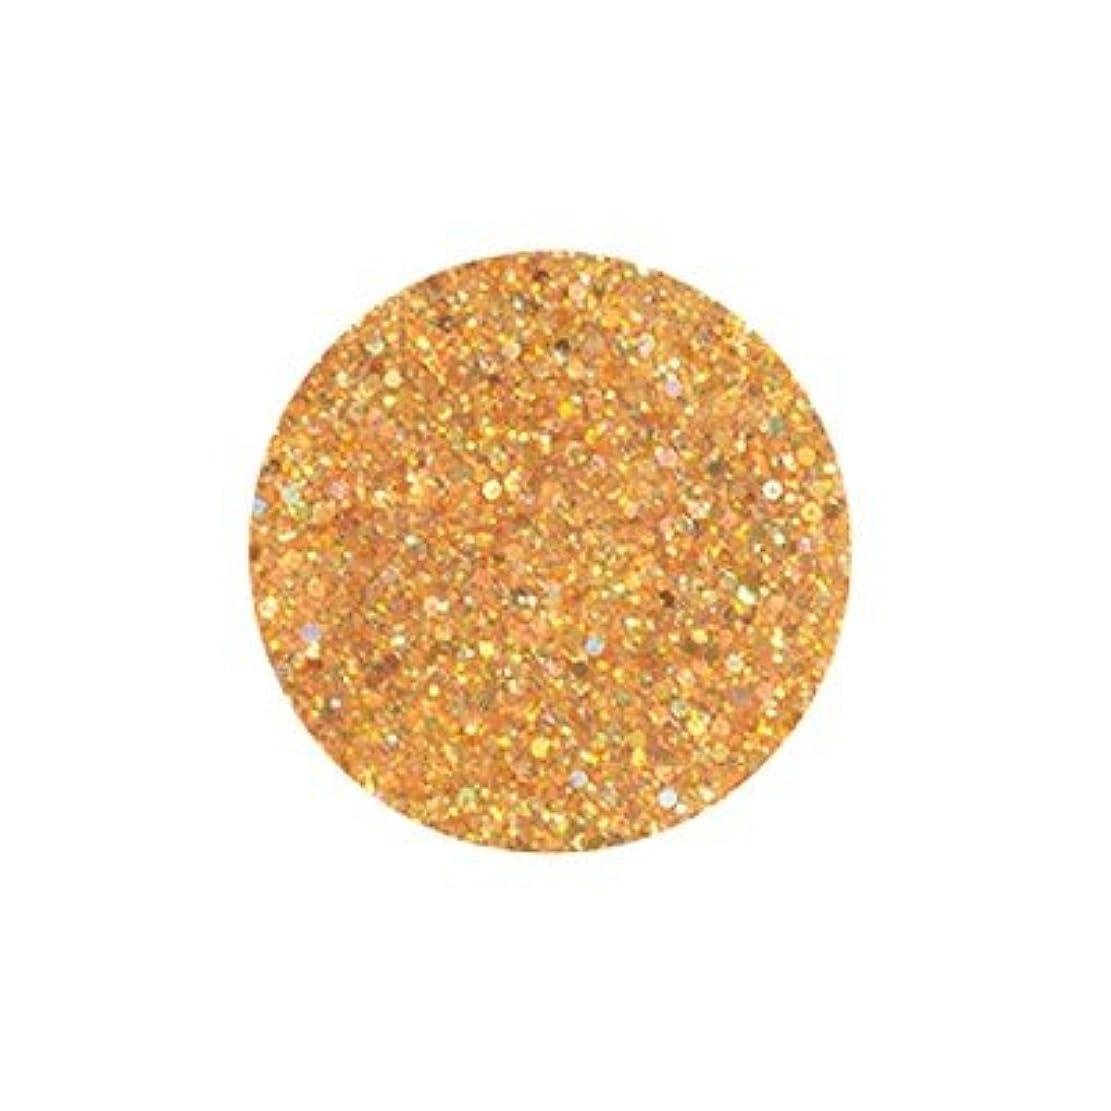 アメリカチロアクセスできないFANTASY NAIL ダイヤモンドコレクション 3g 4254XS カラーパウダー アート材